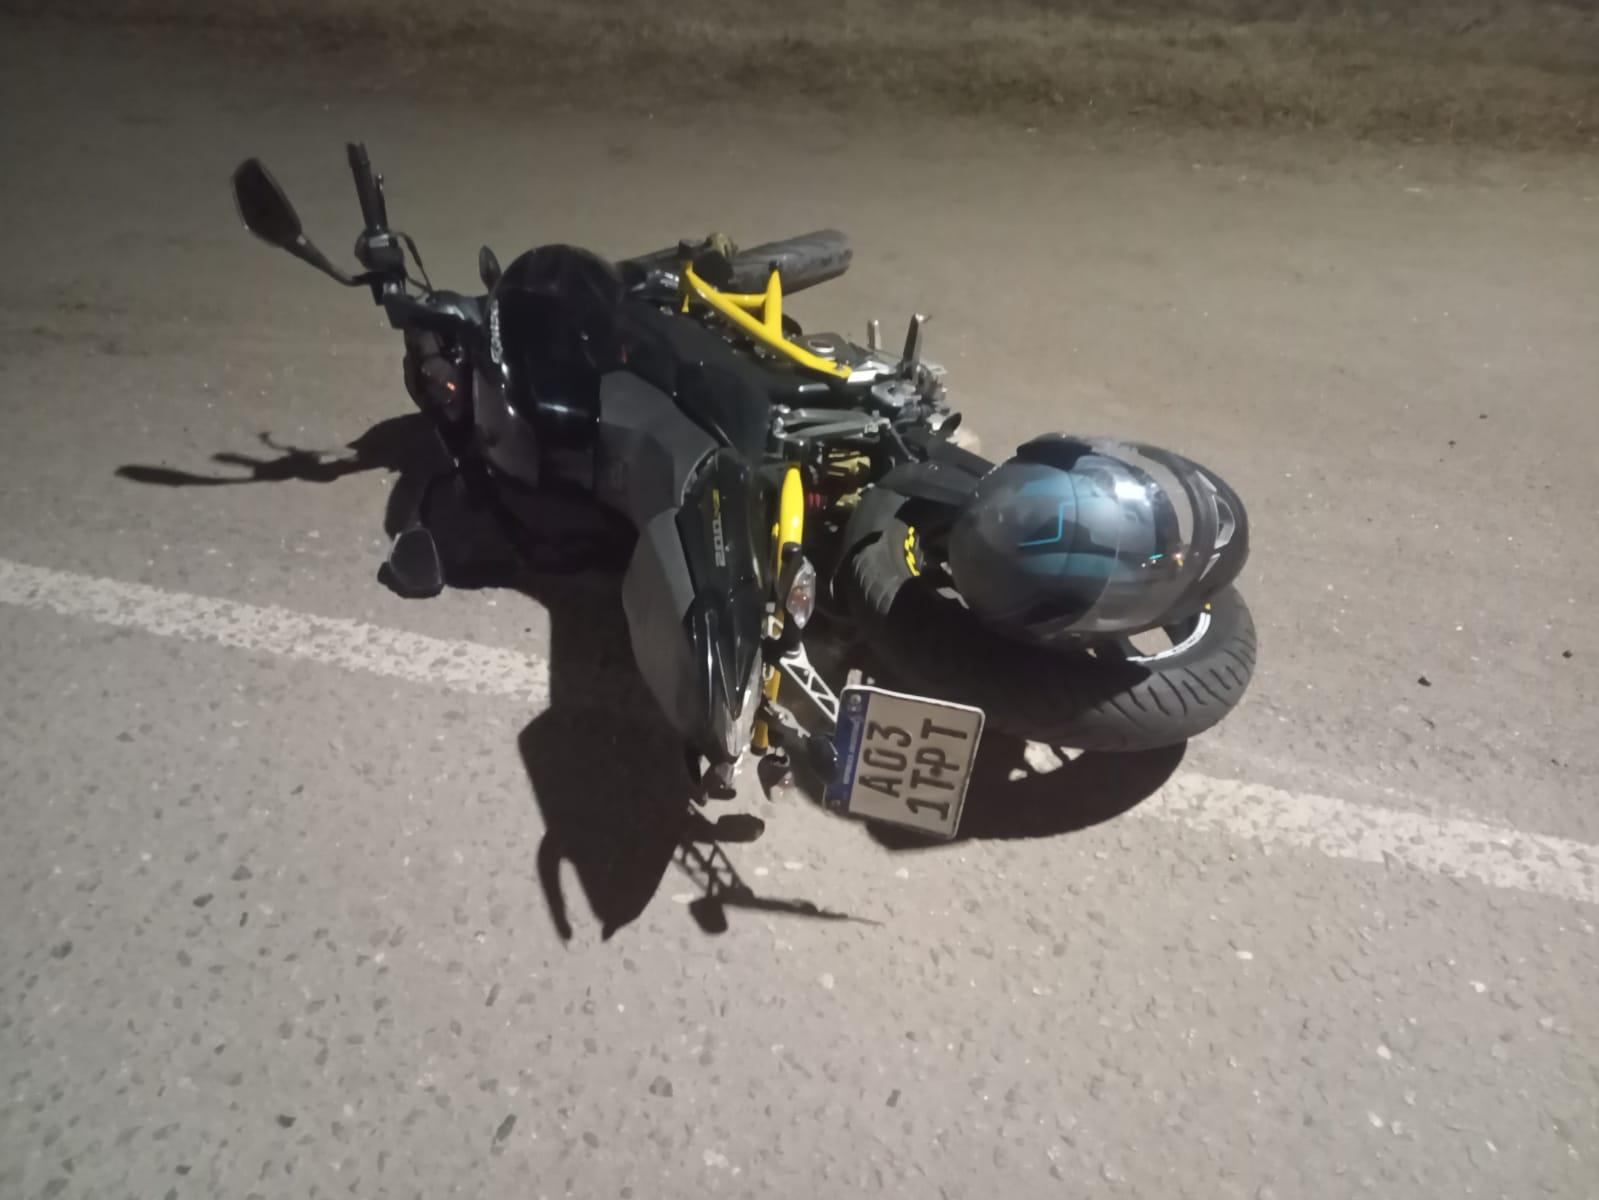 Por un accidente con un perro, un motociclista de La Carlota resultó herido